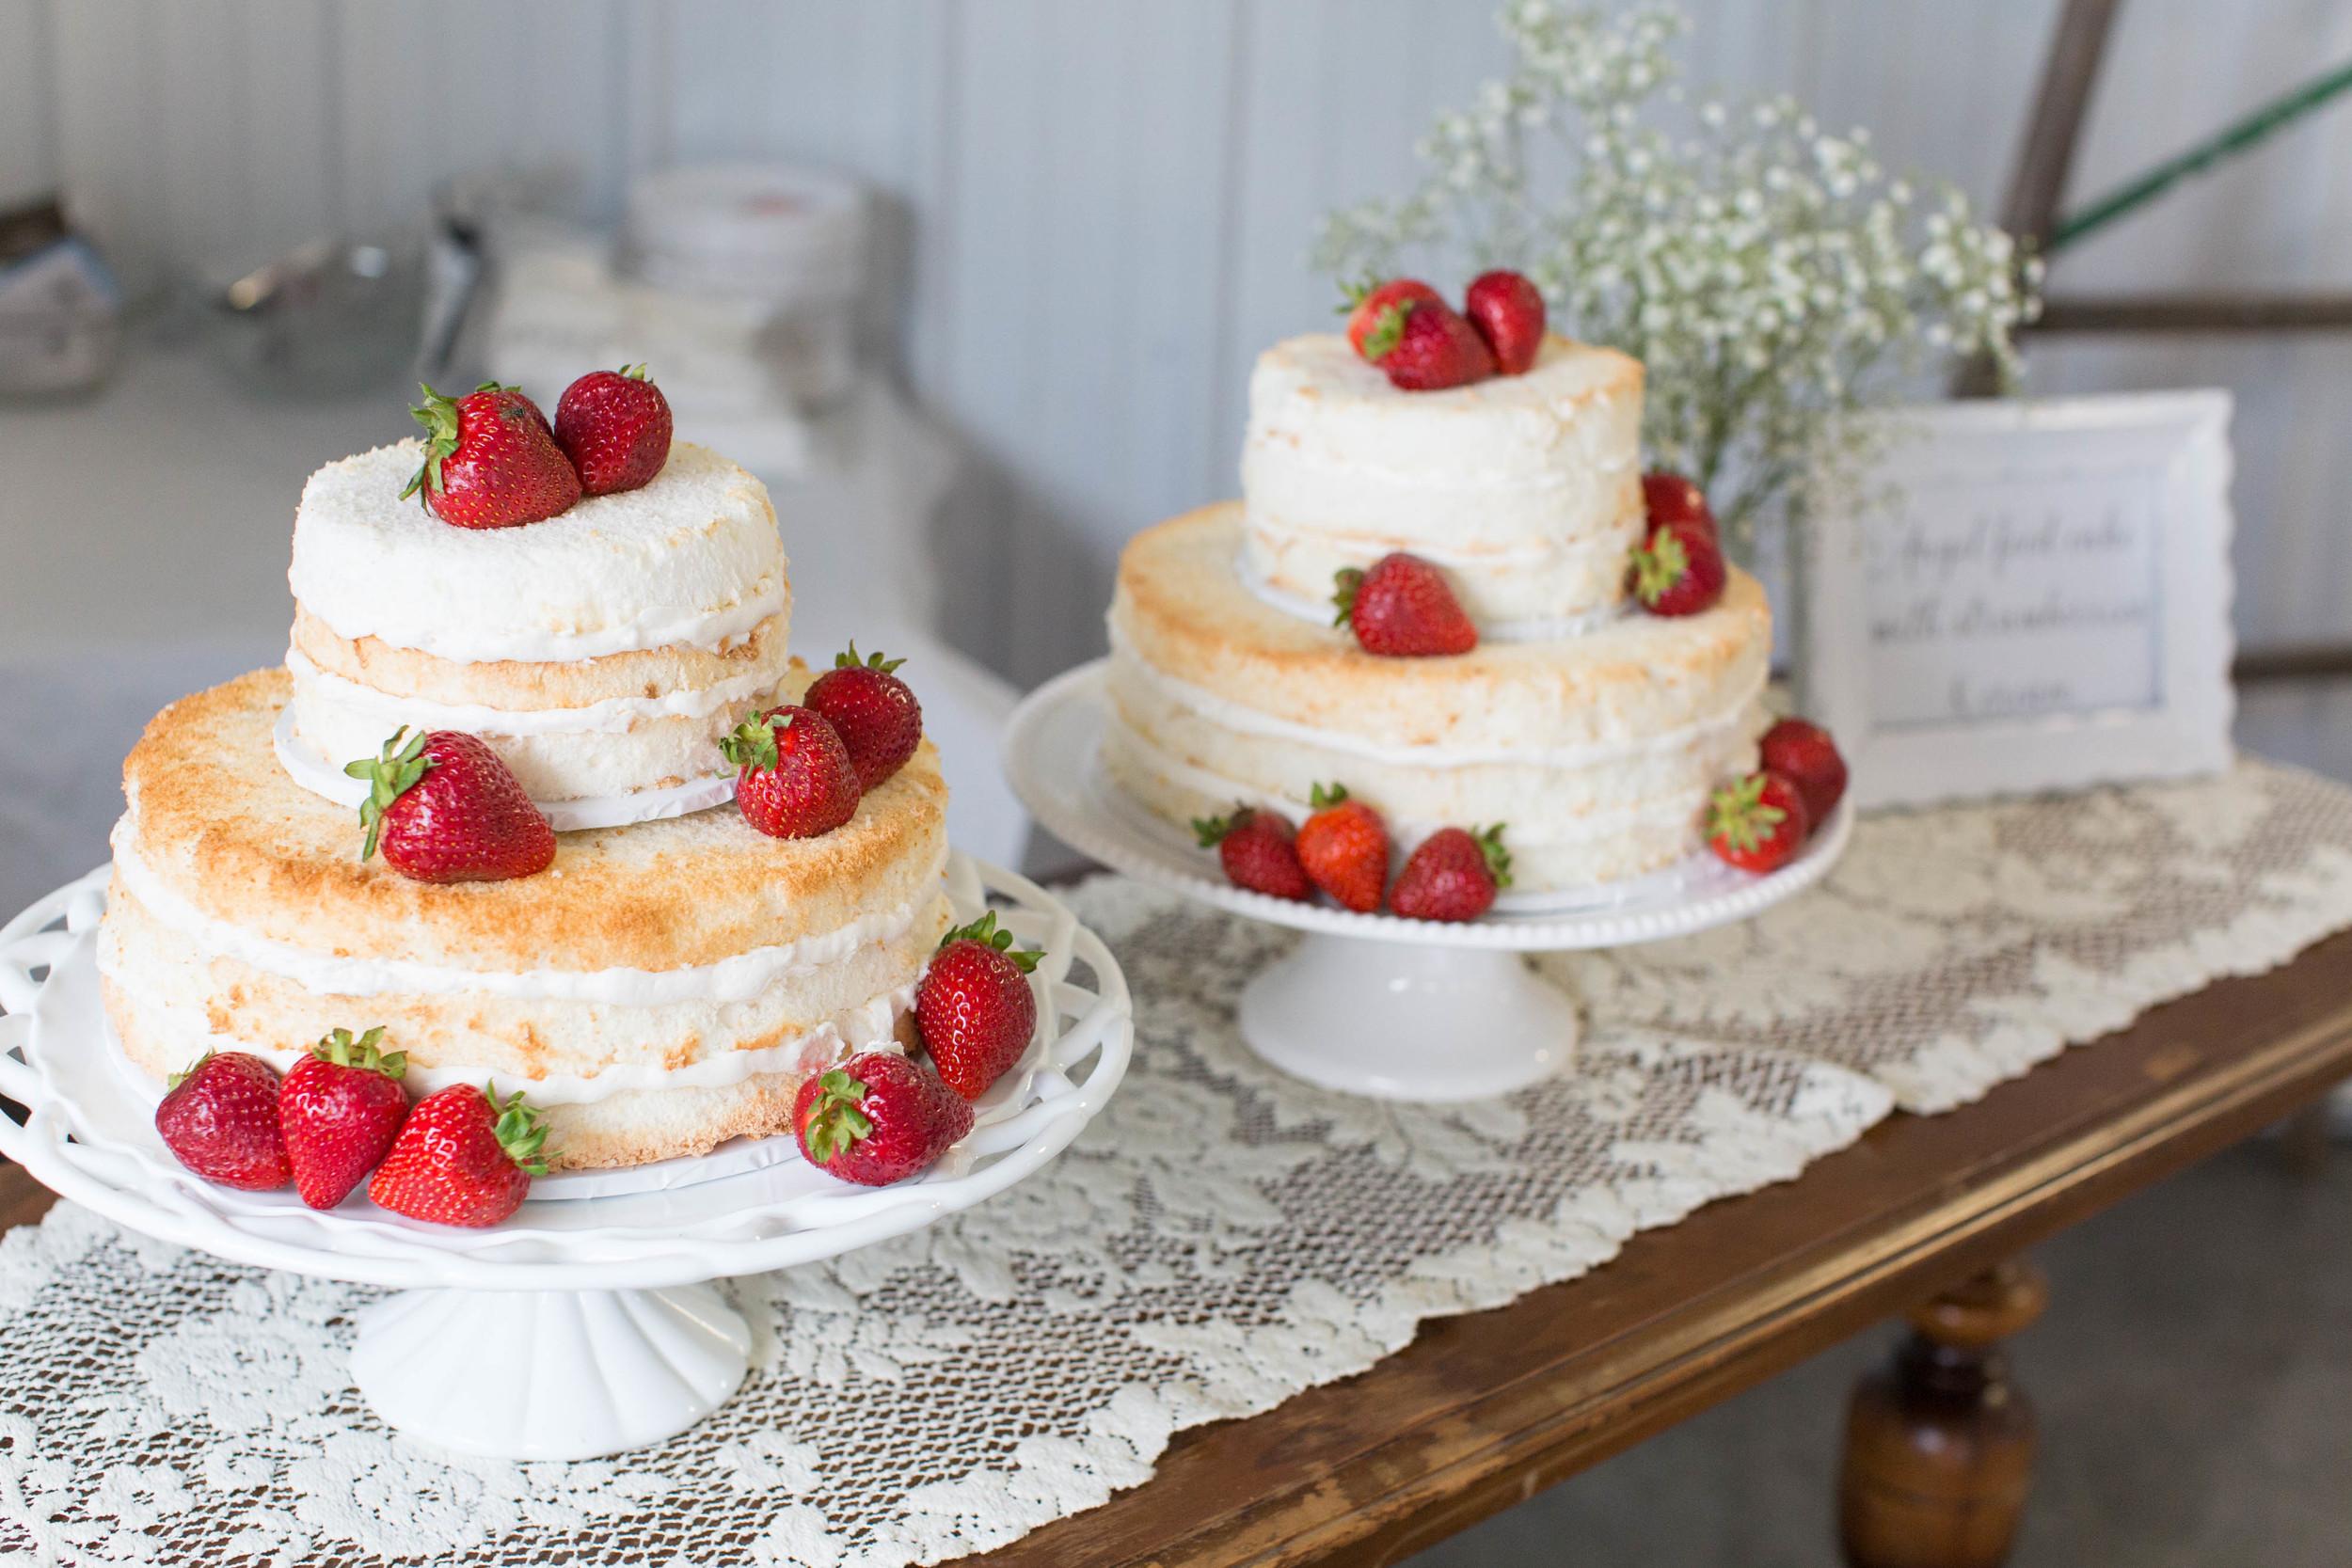 #mnwedding #mnphotographer #countrycharm  #weddingcake